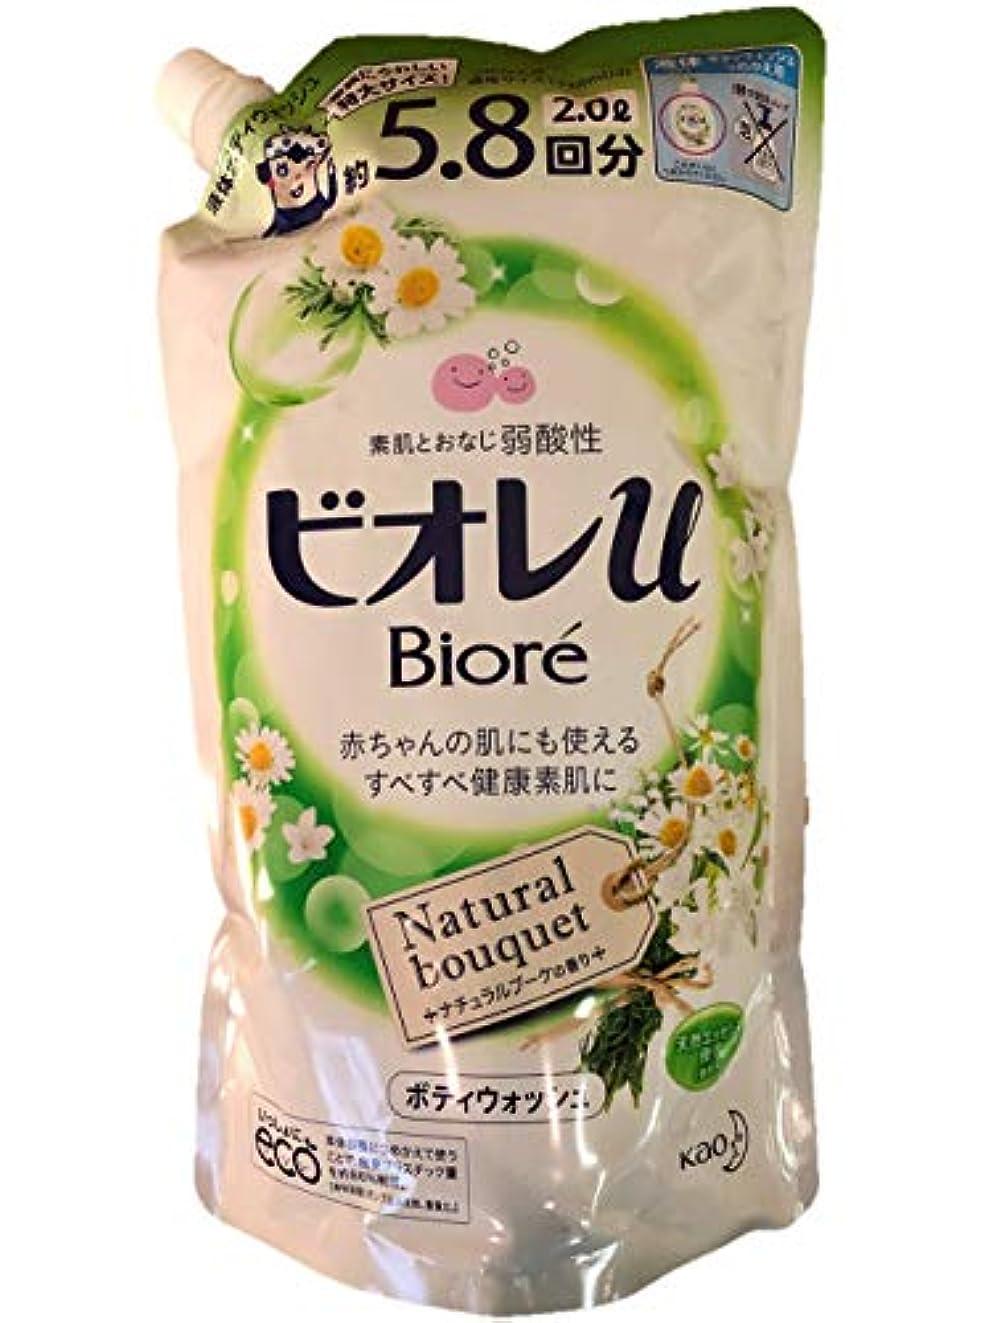 噴水リングバック襲撃【大容量】ビオレu 詰め替え用 ナチュラルブーケの香り 5.8回分 2L